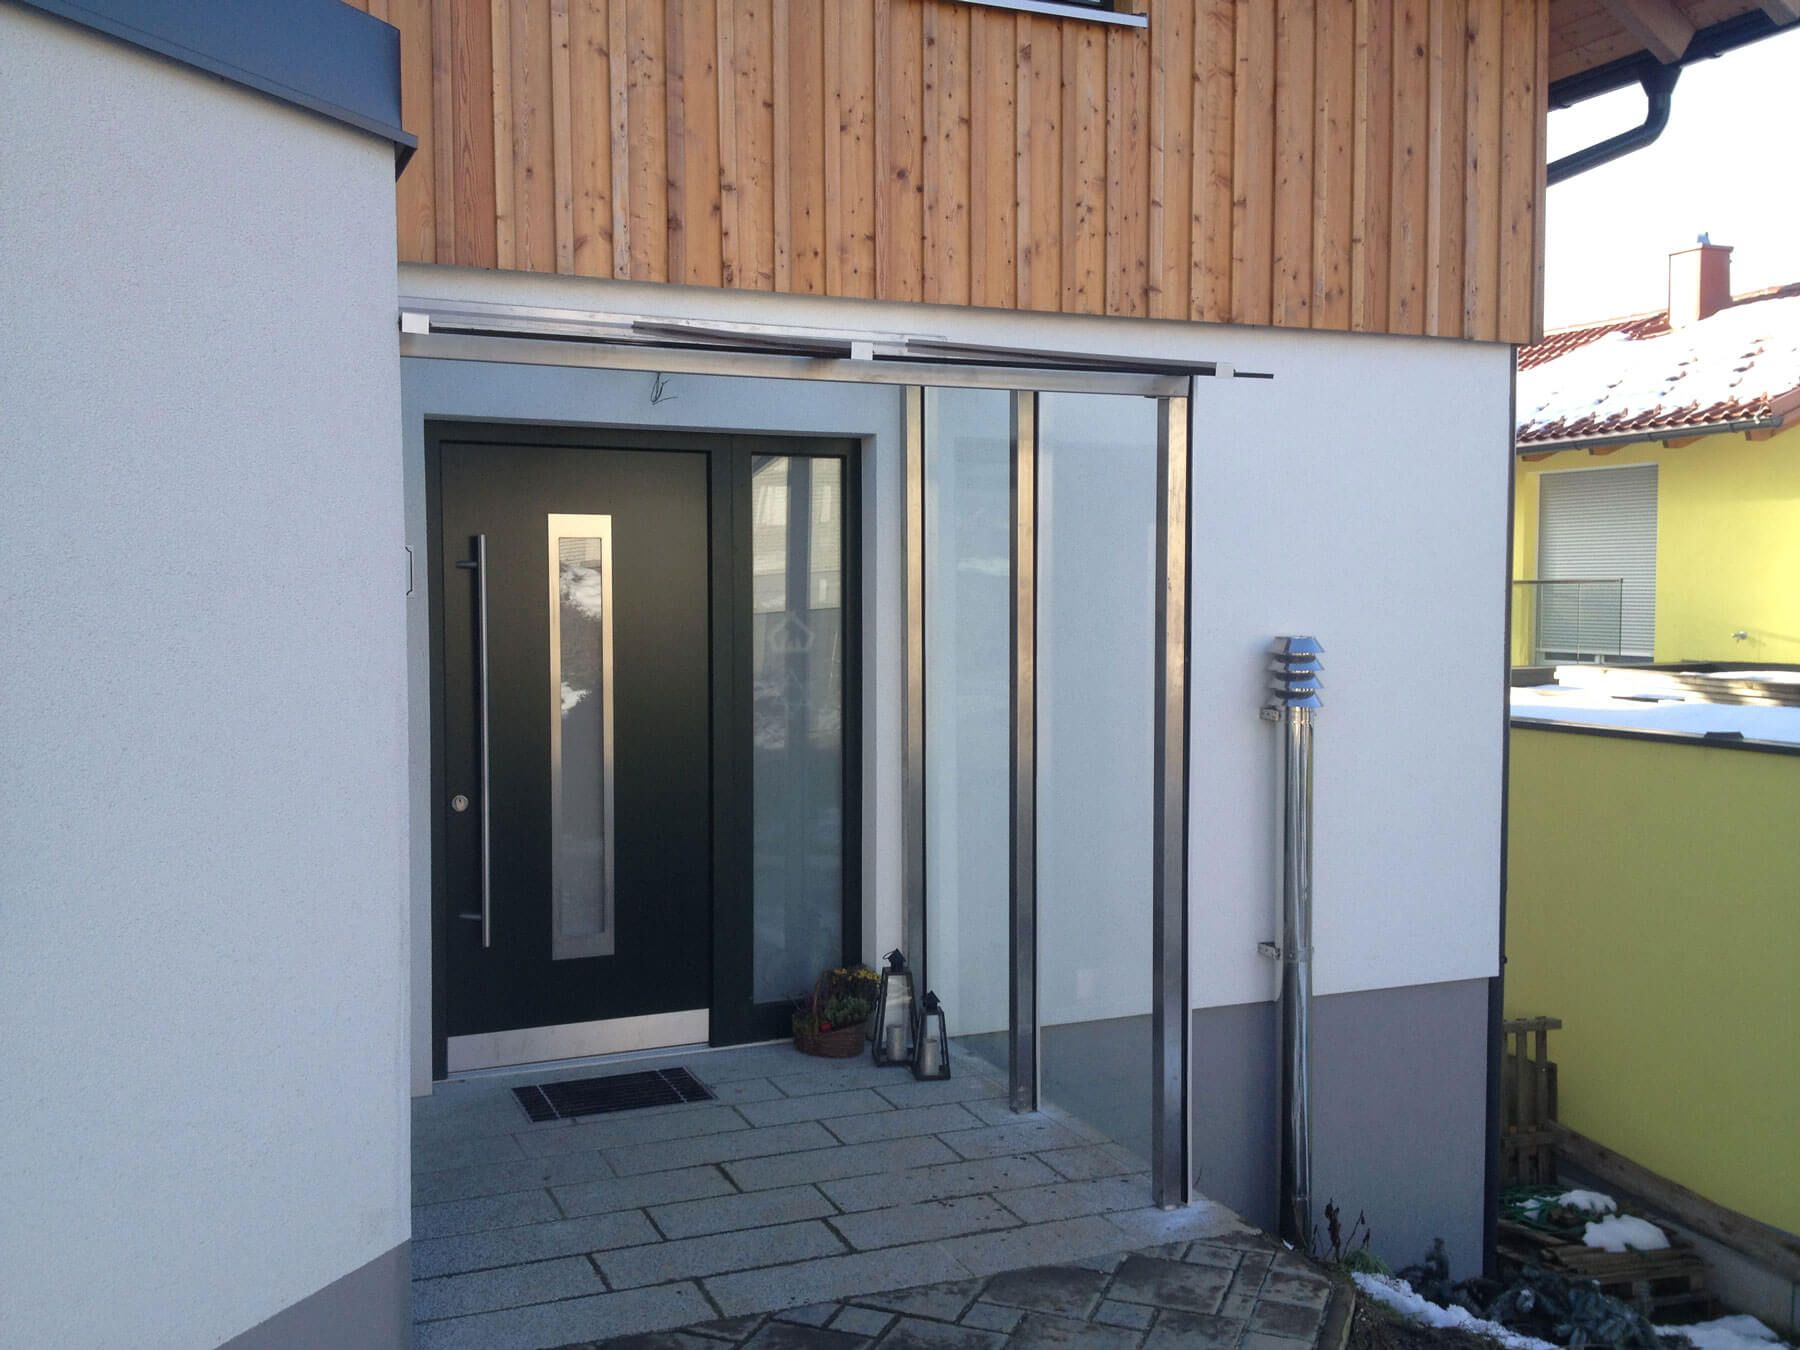 Windschutz Haustüre  - Windschutz Edelstahl & Glas